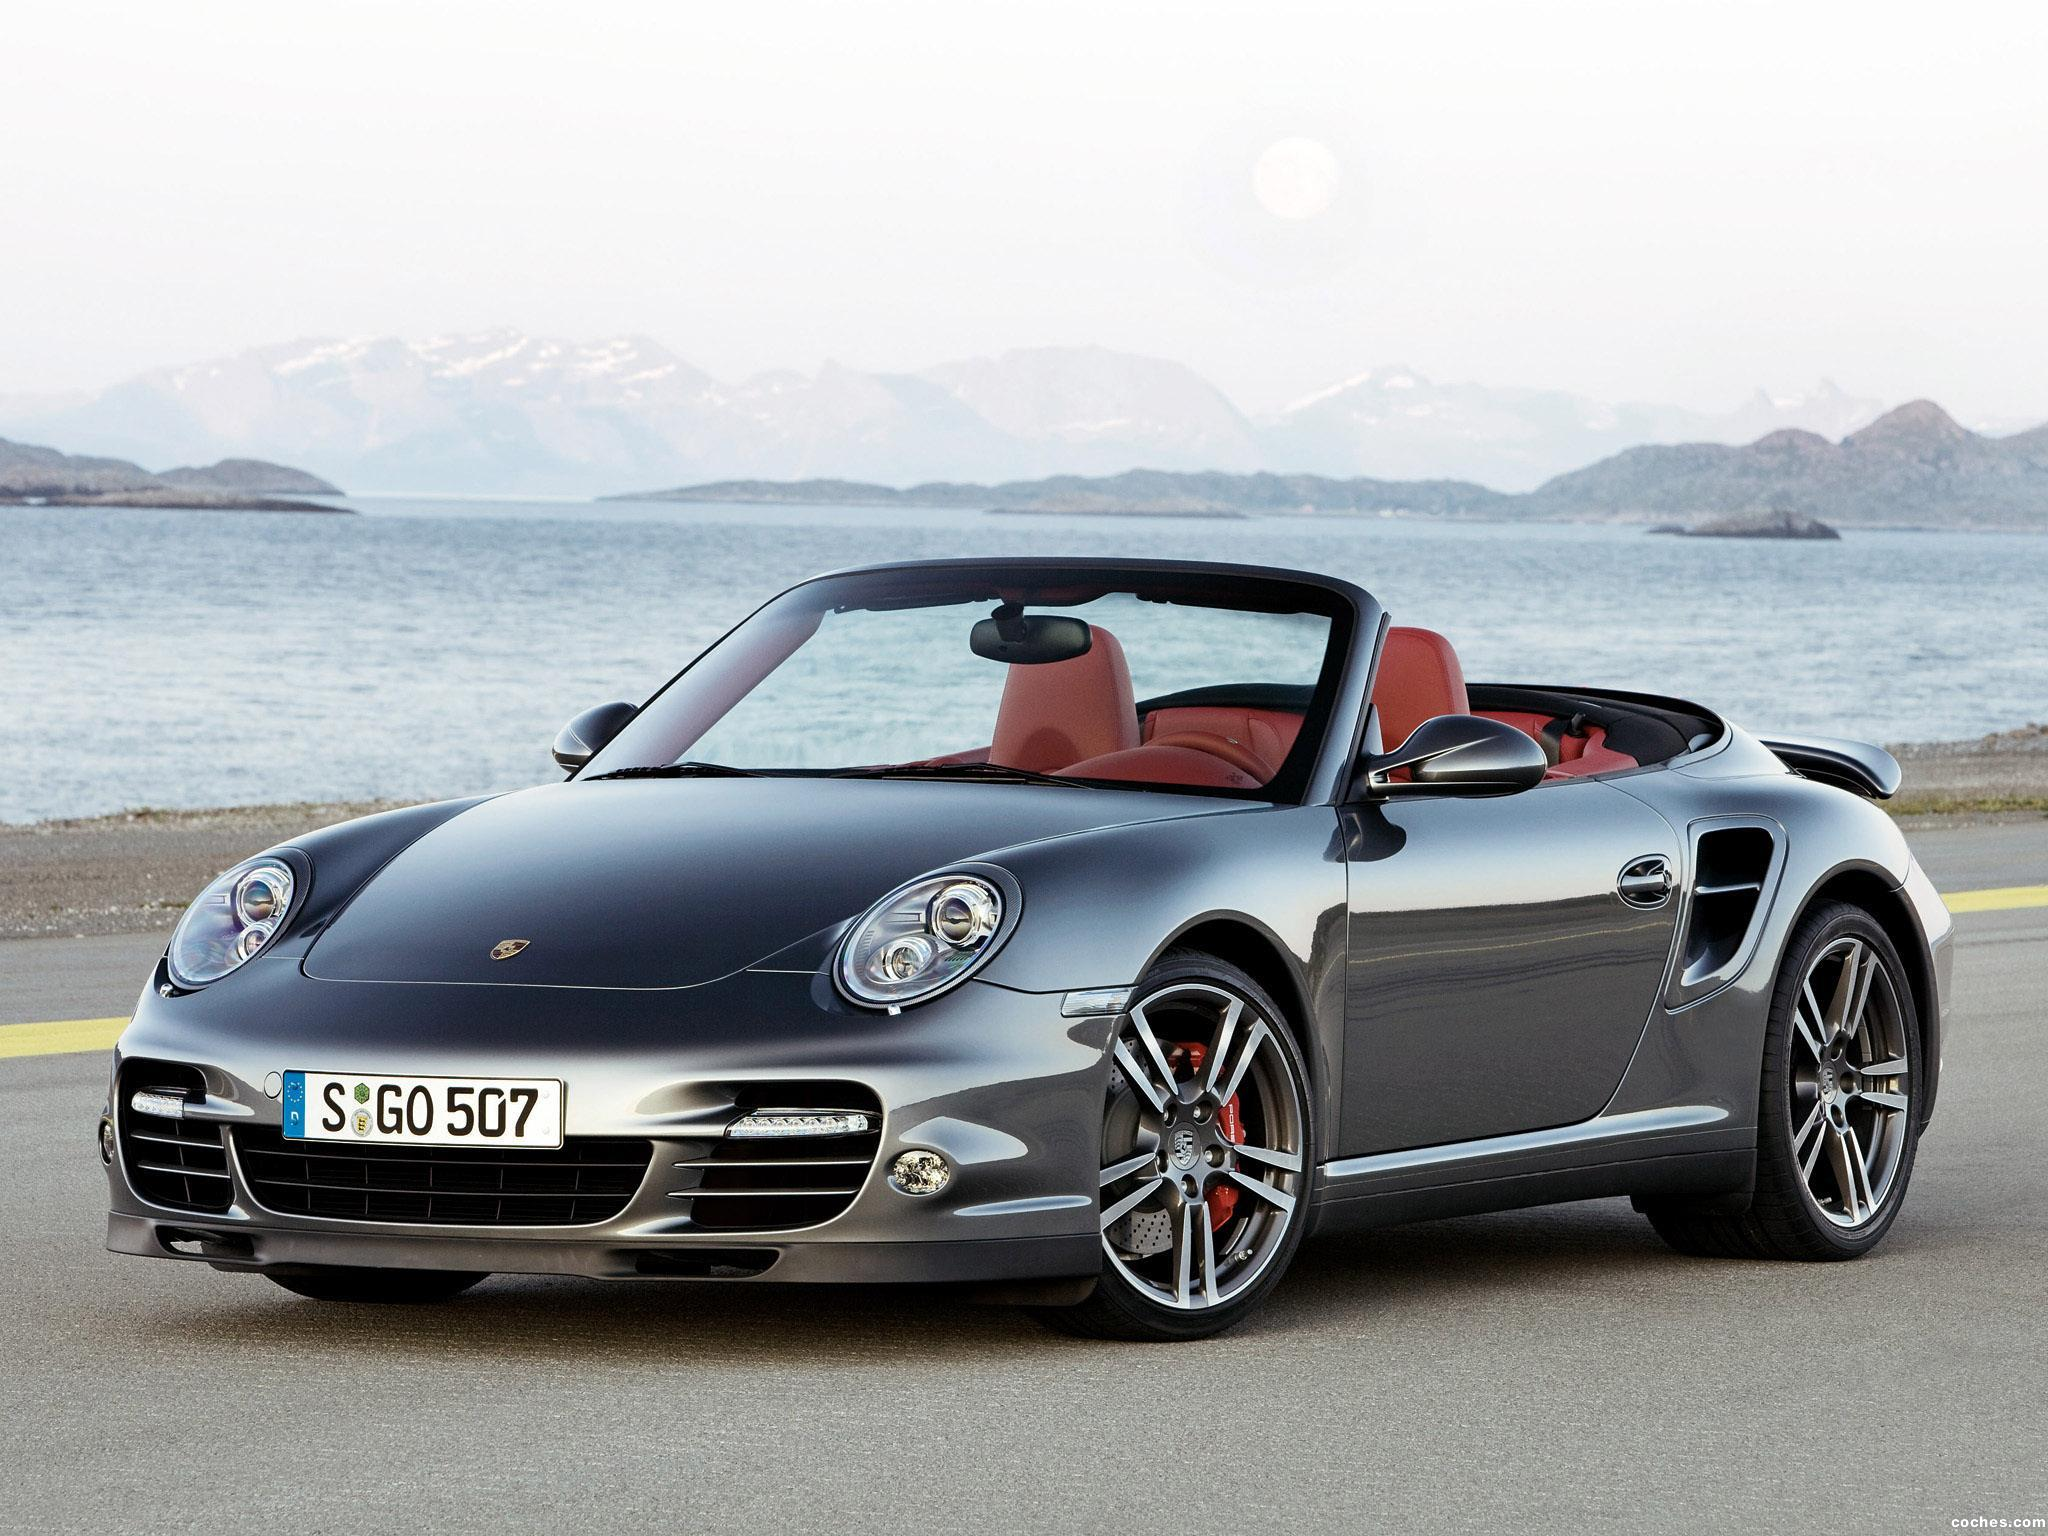 porsche_911-turbo-cabriolet-2009_r14.jpg